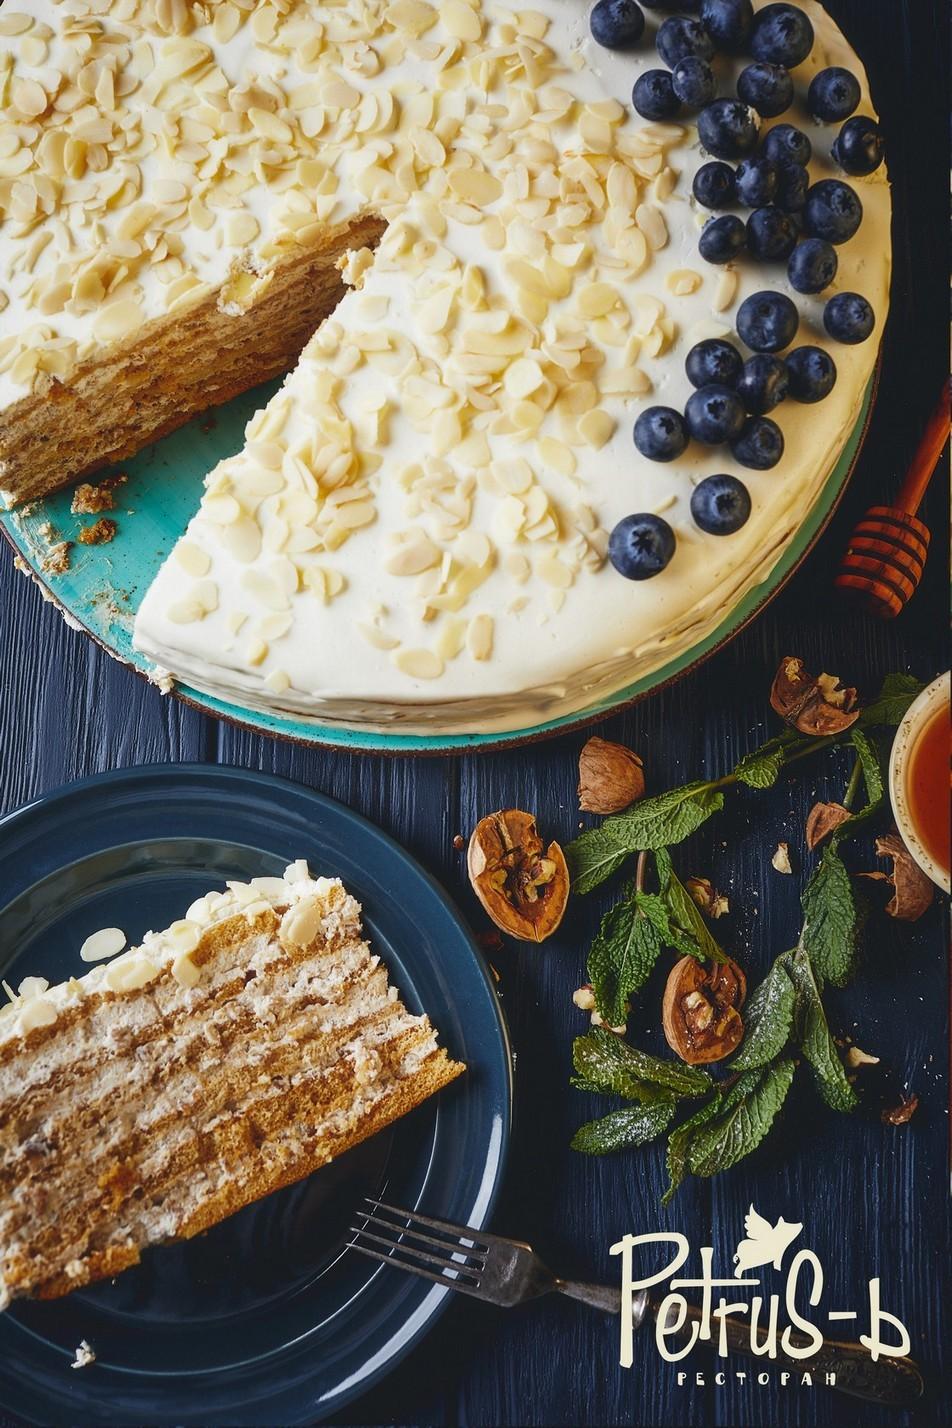 Медовик - вкусный десерт в Petrus-ь